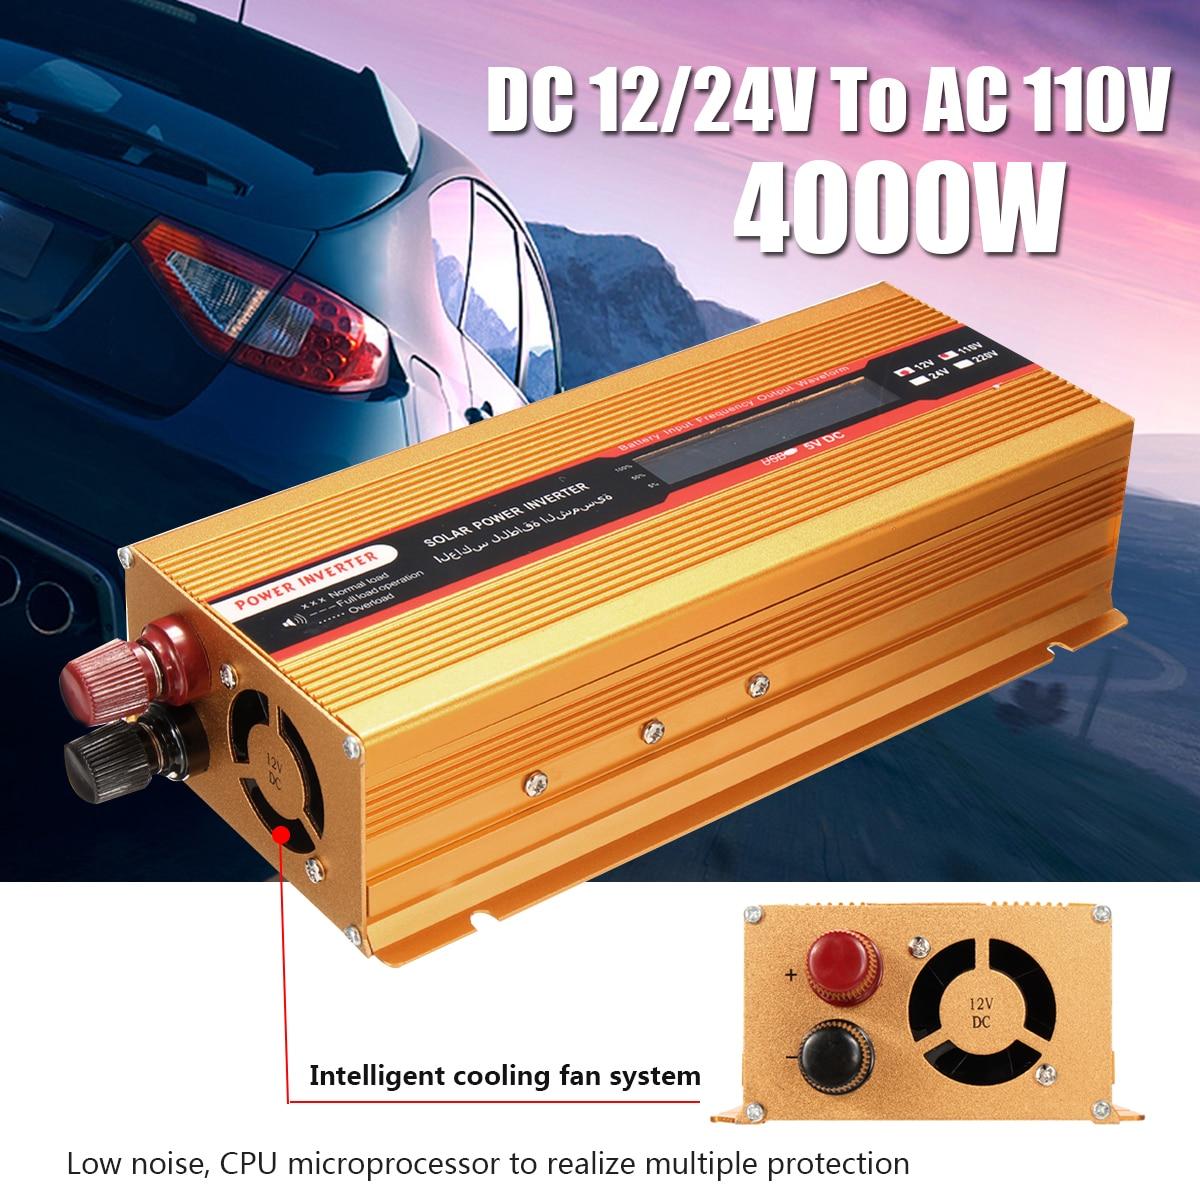 PEAK 4000W 12/24V To AC 220/110V Car Power Inverter USB Modified Sine Wave Converter Voltage Transformer for Various Appliances peak 5000w 12 24v to ac 220 110v car power inverter usb modified sine wave converter voltage transformer for various appliances